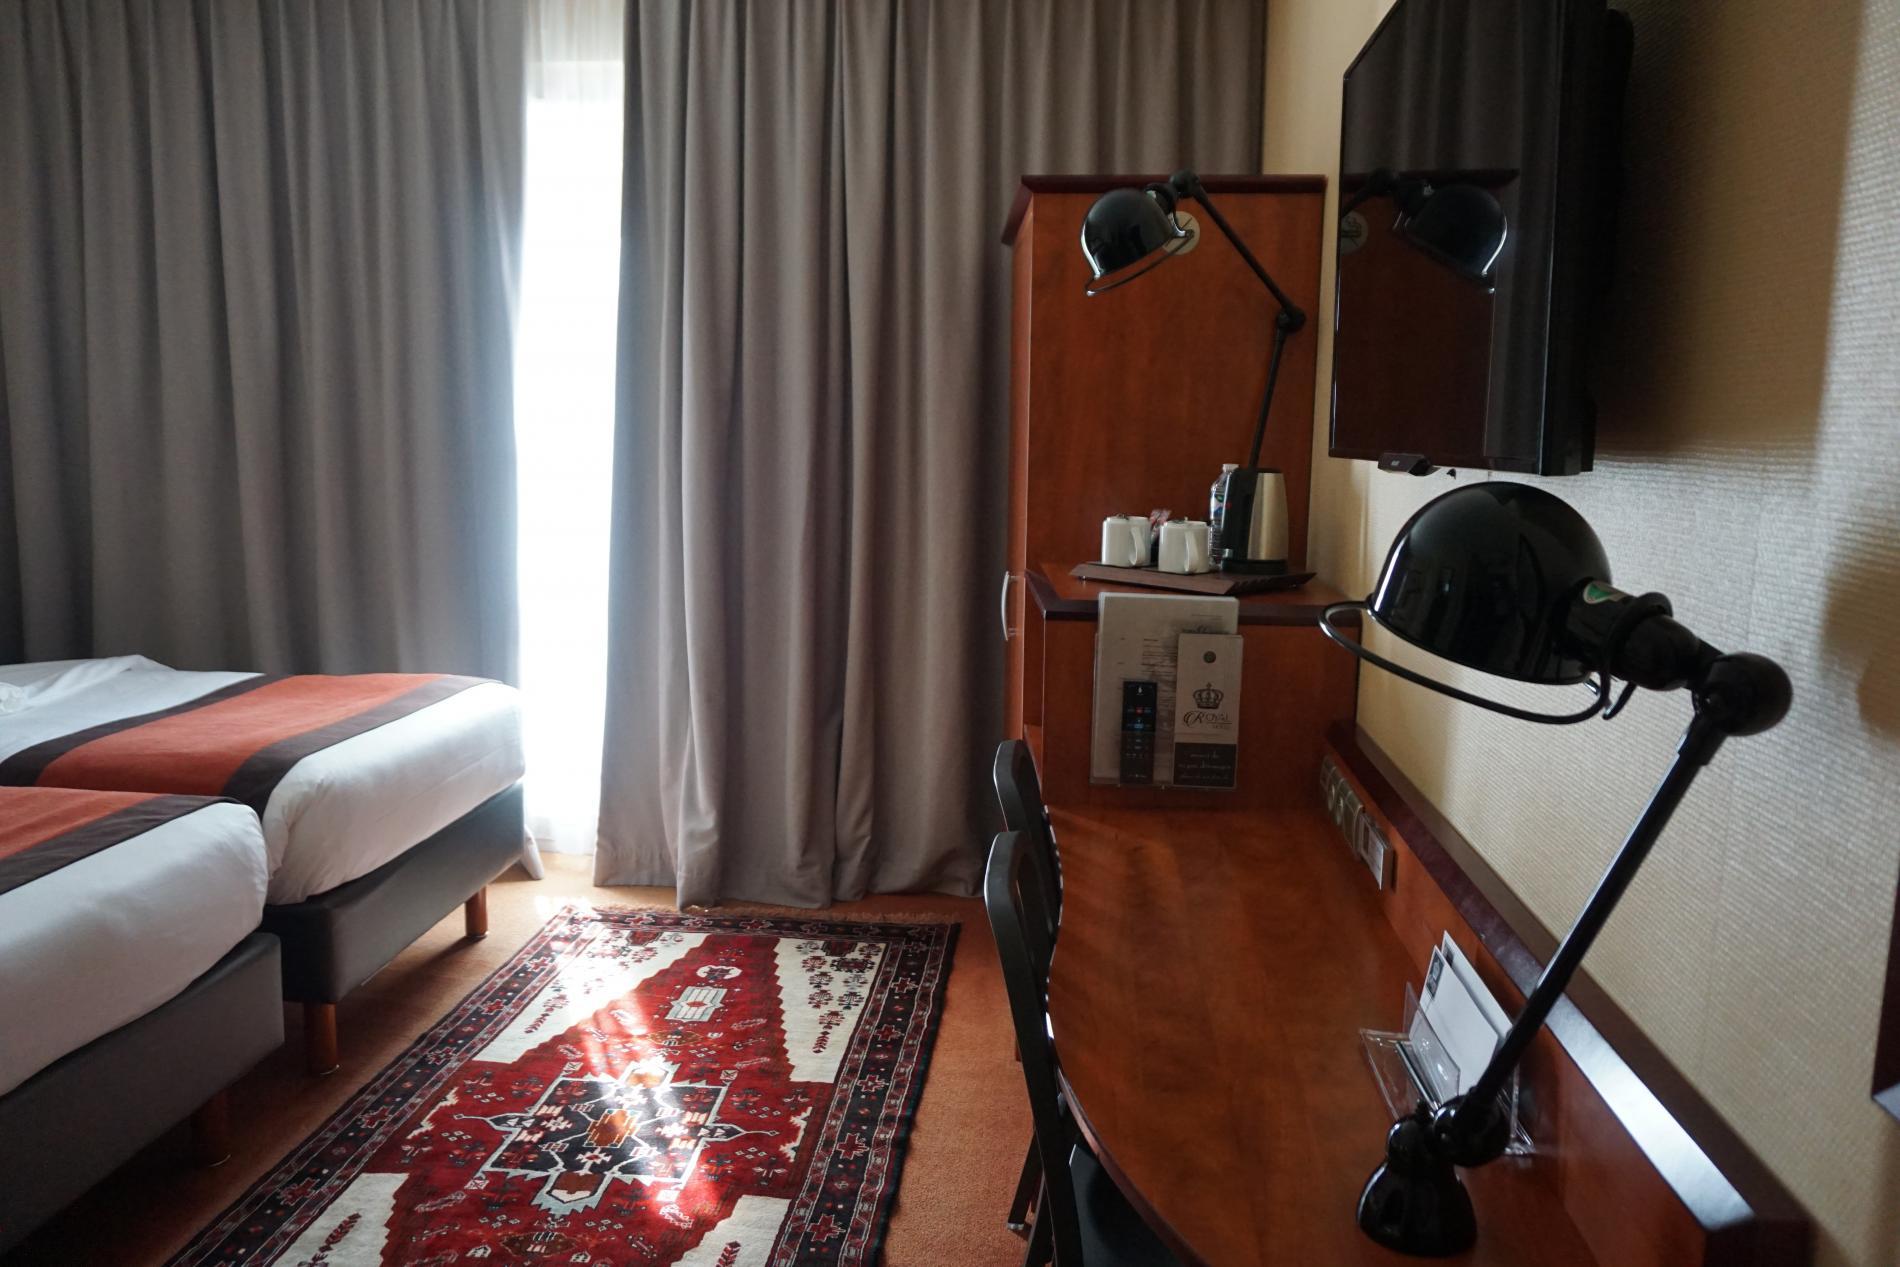 Chambre familiale ou pmr comfort hotel agen le passage